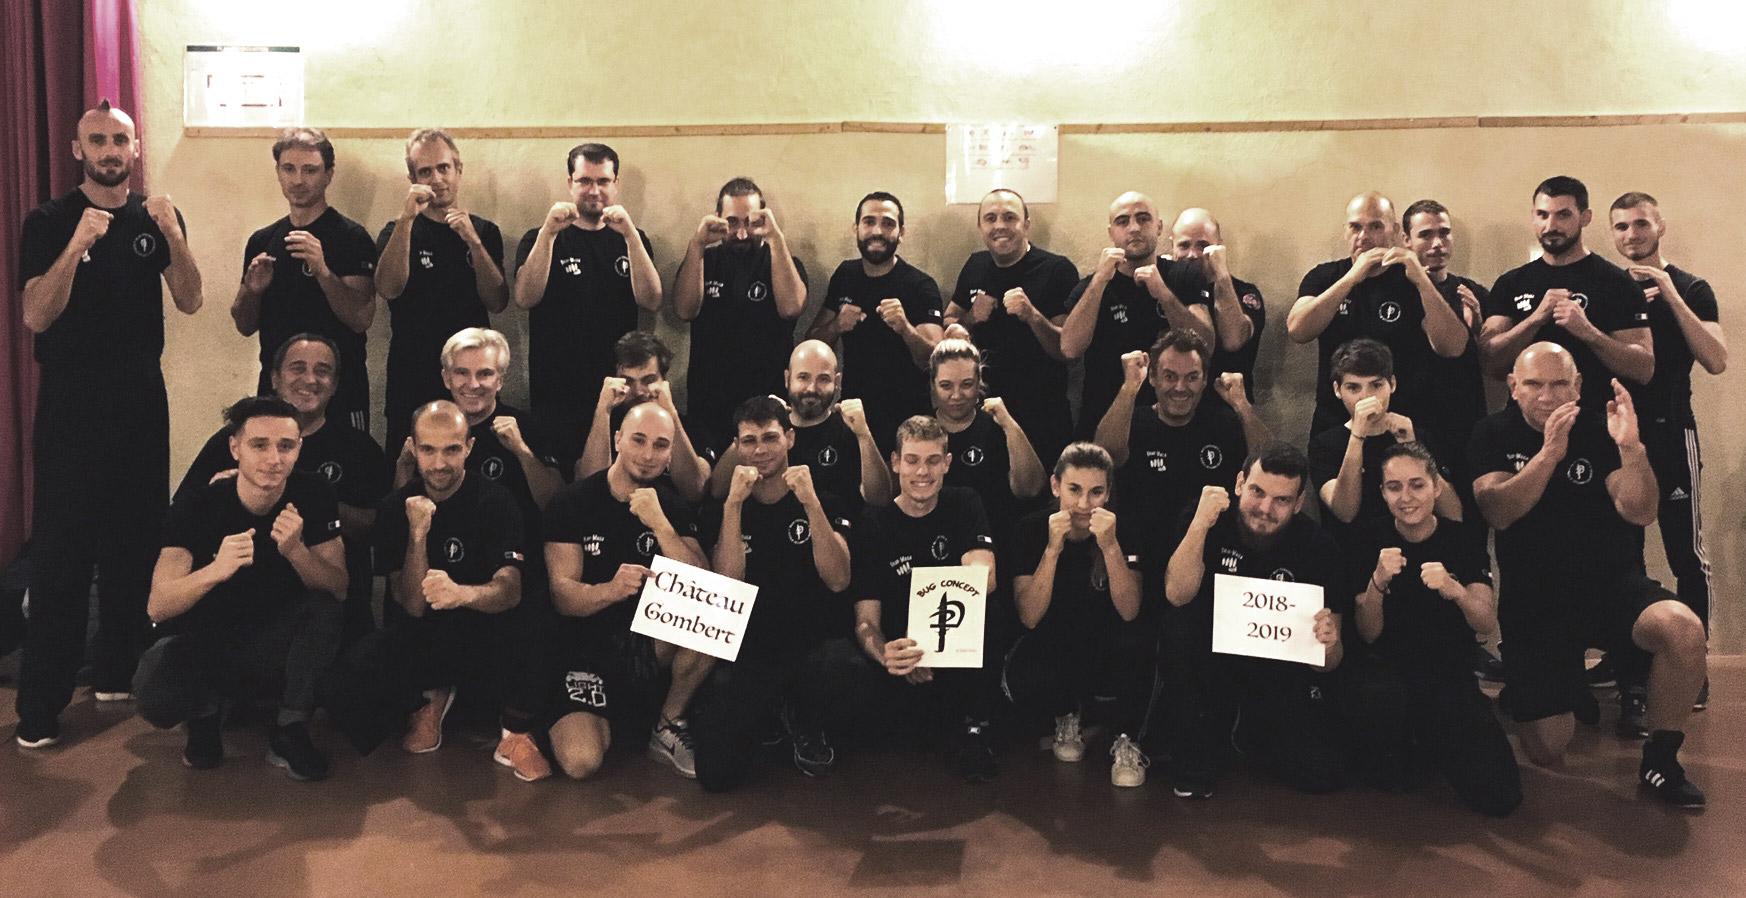 Cours de Krav Maga à Marseille - Salle Polyvalente - Ecole Saint Matthieu (13ème)